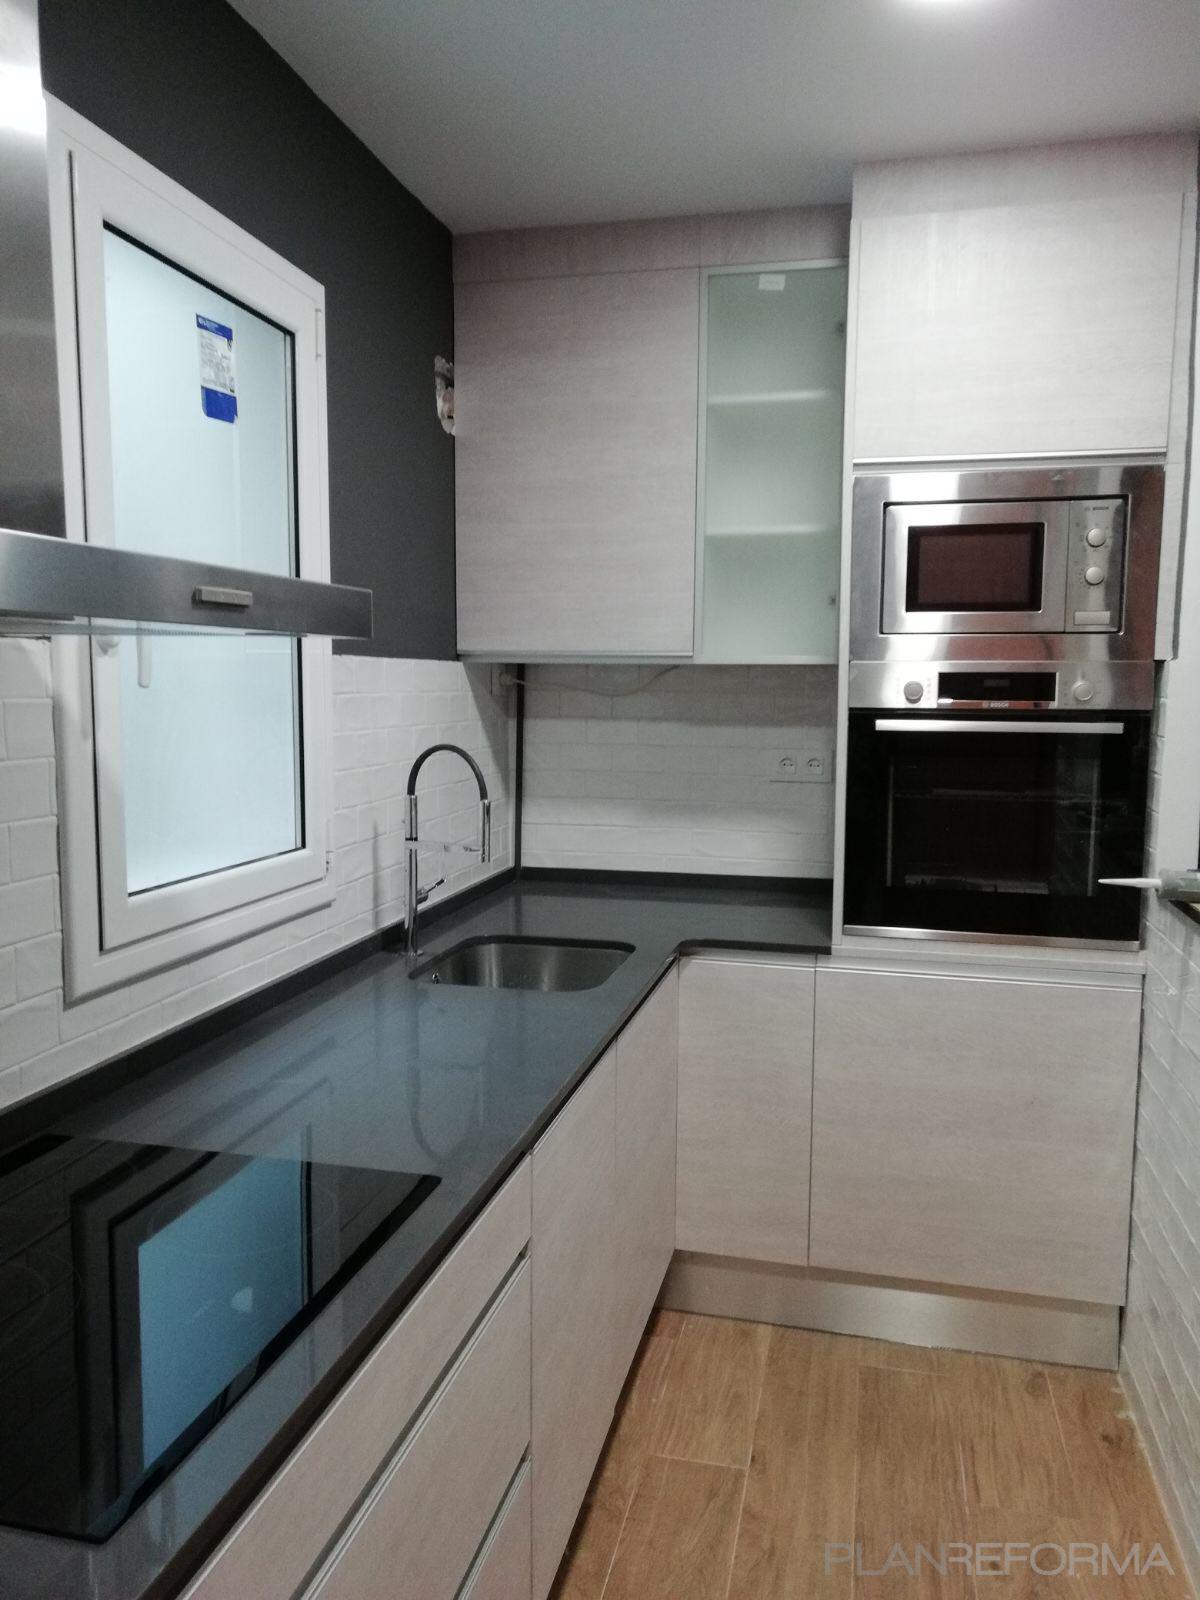 Cocina Estilo clasico Color beige, blanco, negro  diseñado por Refomas Barcelona Rubio | Gremio | Copyright Reformas Barcelona Rubio